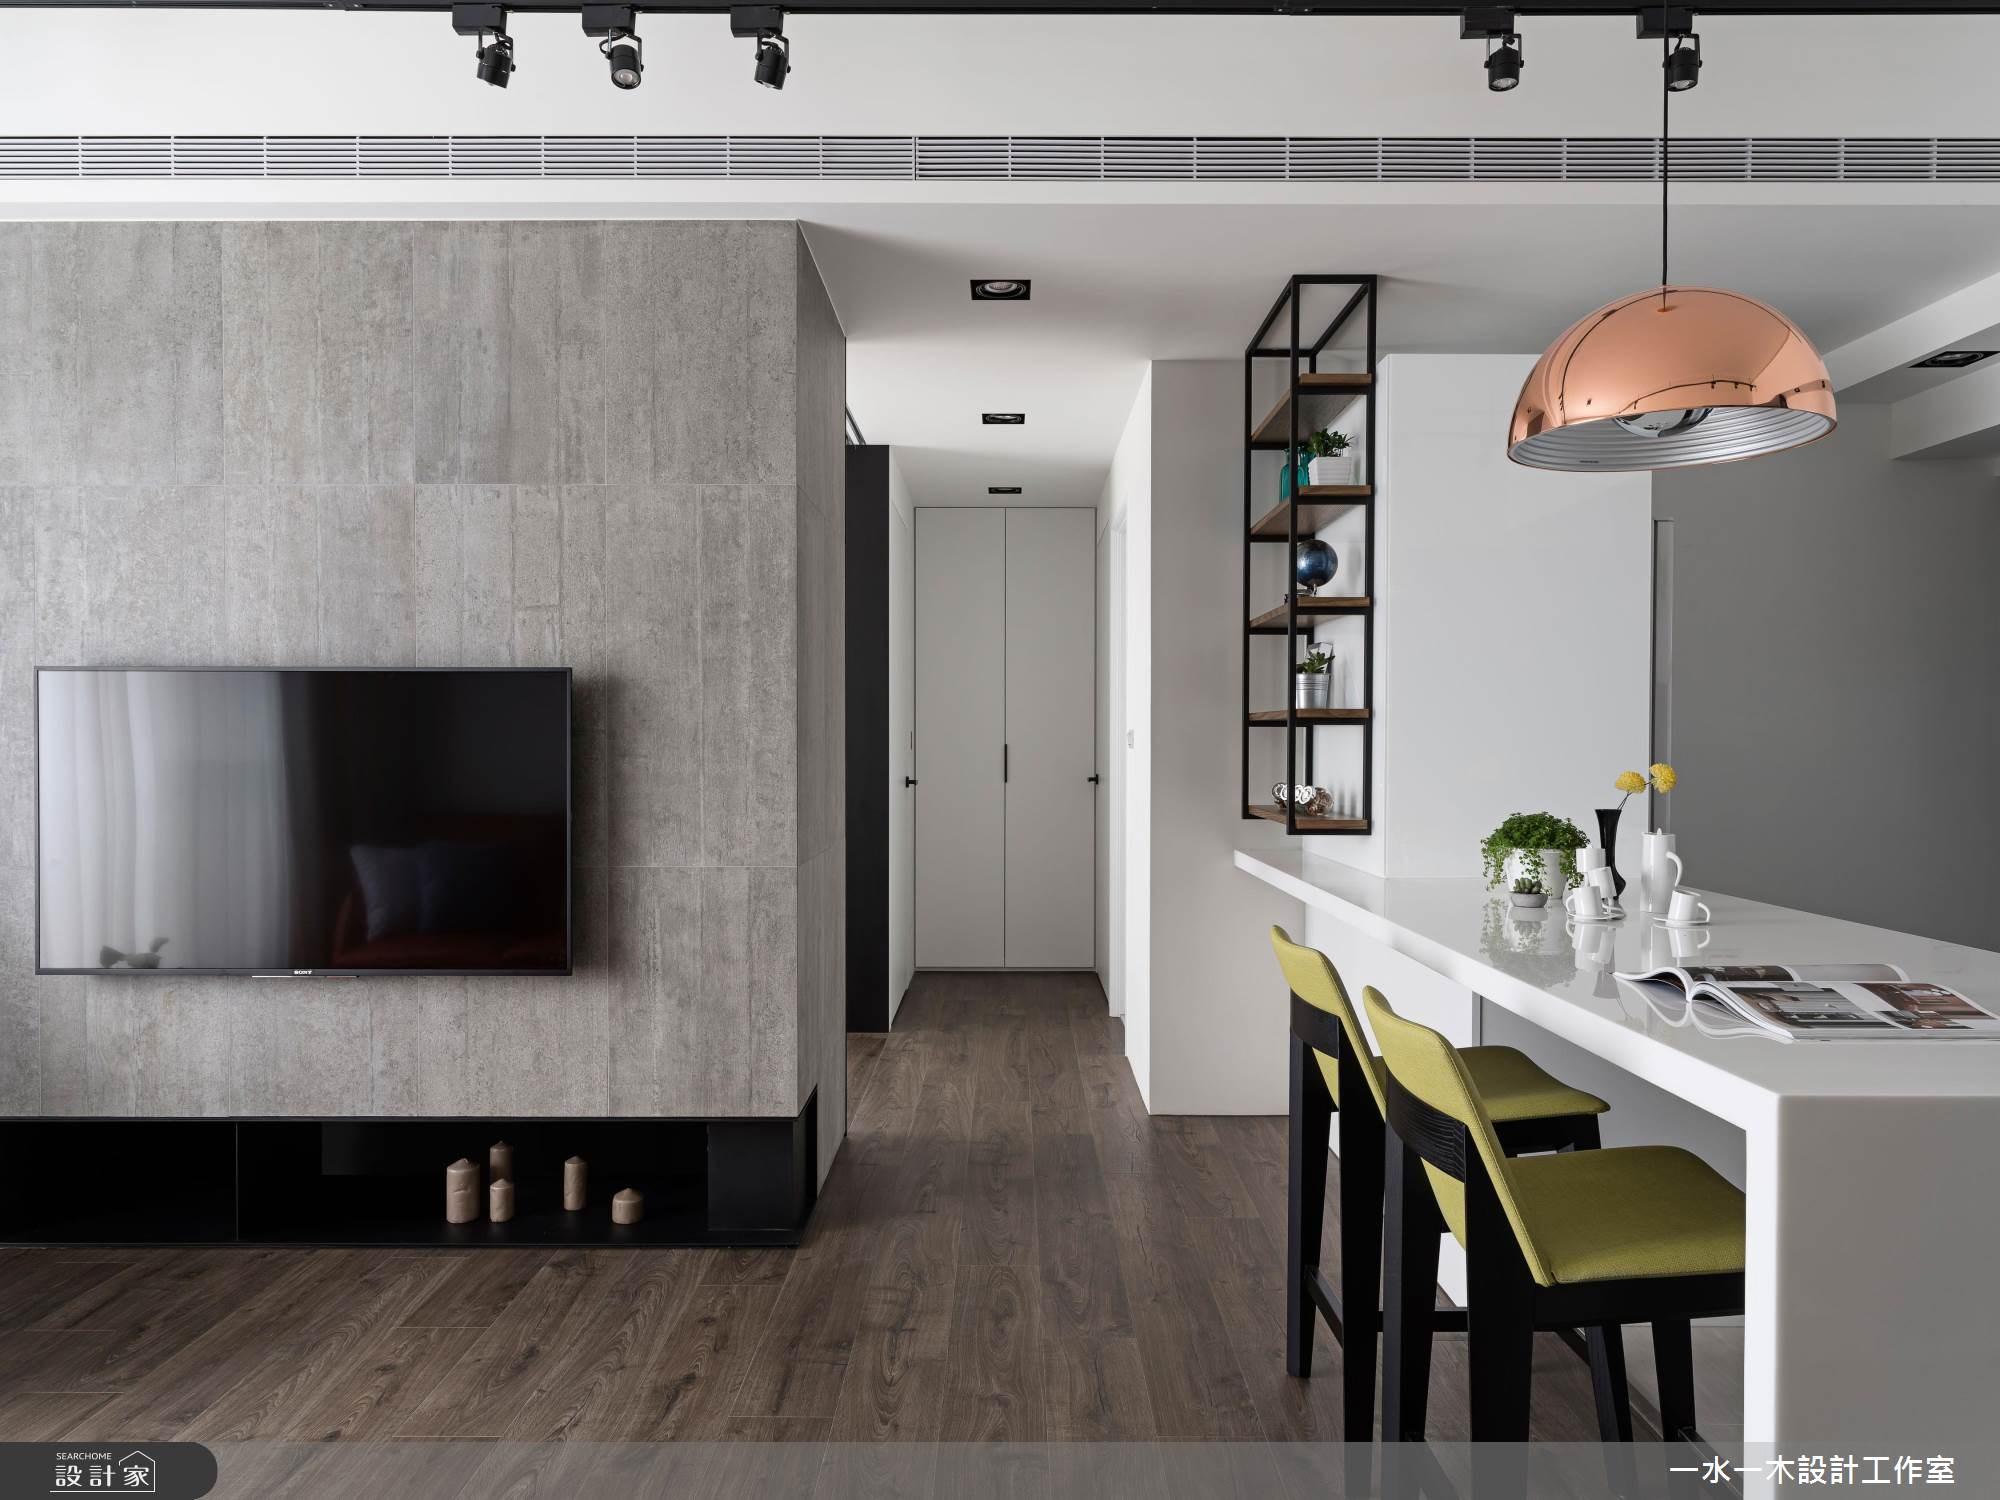 23坪新成屋(5年以下)_工業風餐廳案例圖片_一水一木設計工作室_一水一木_34之12